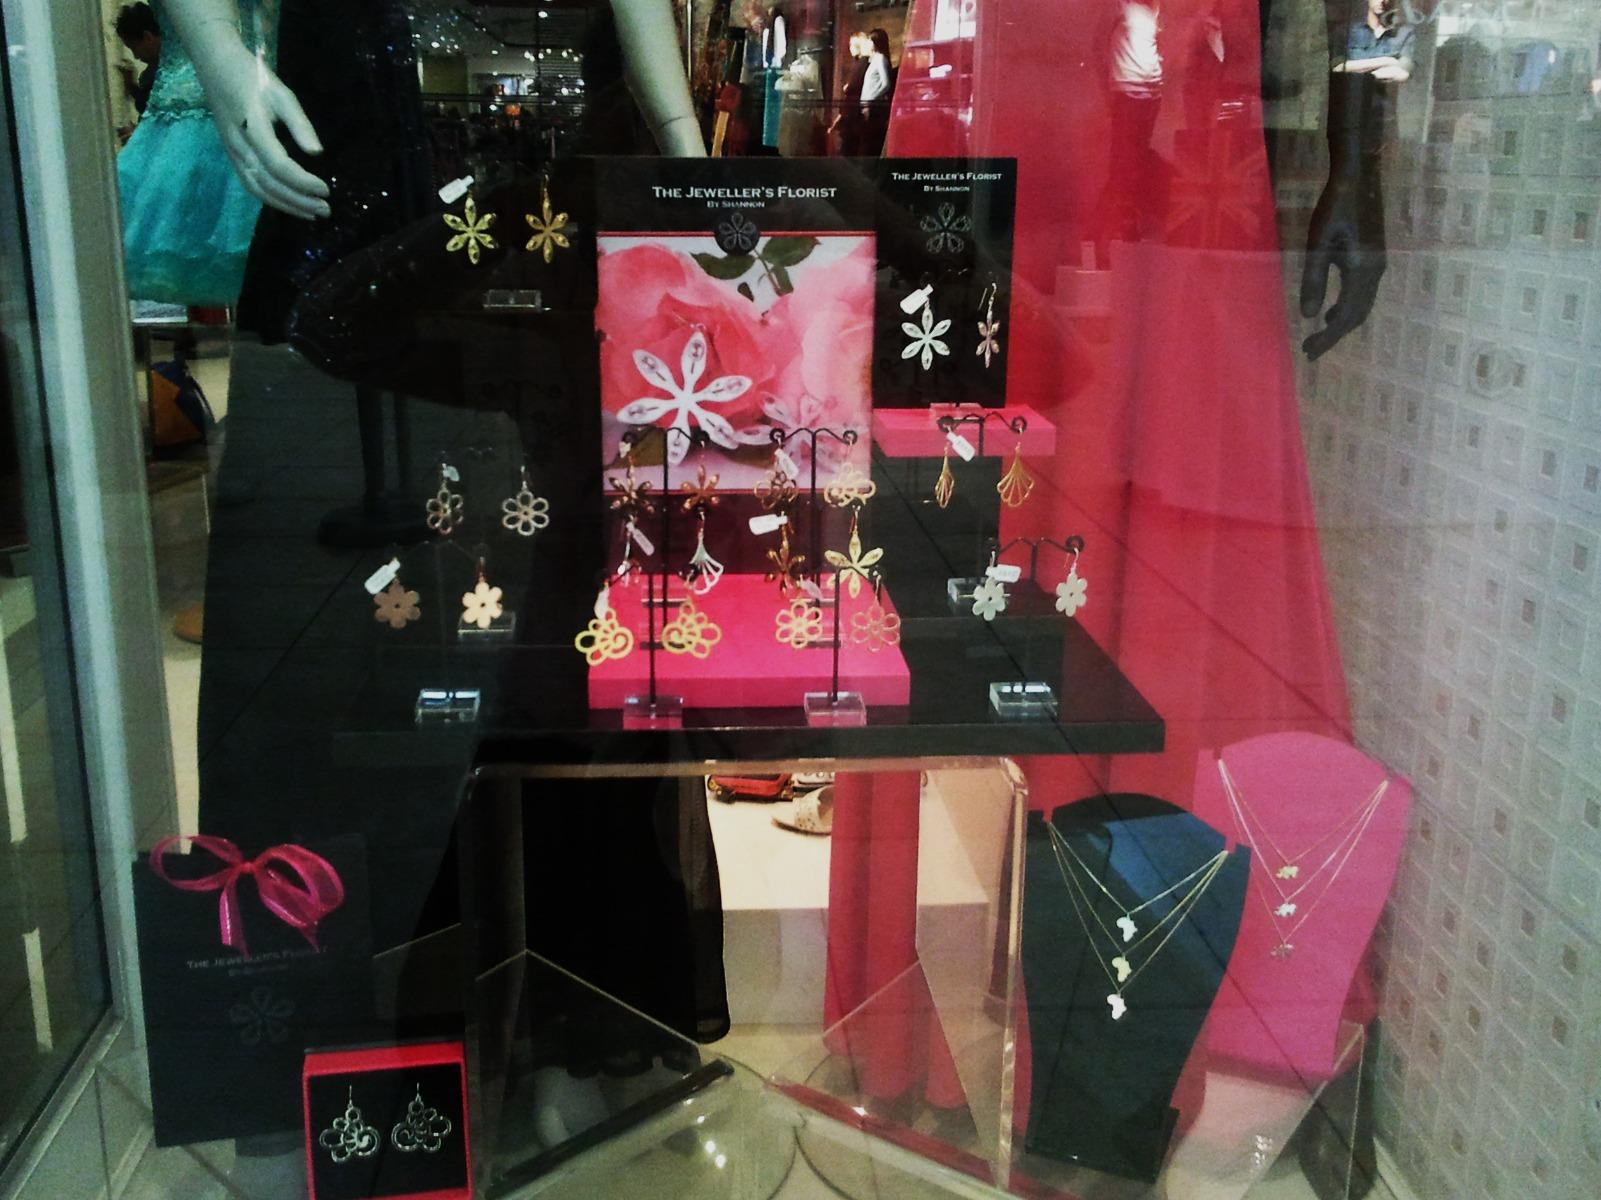 Jewellery on Display